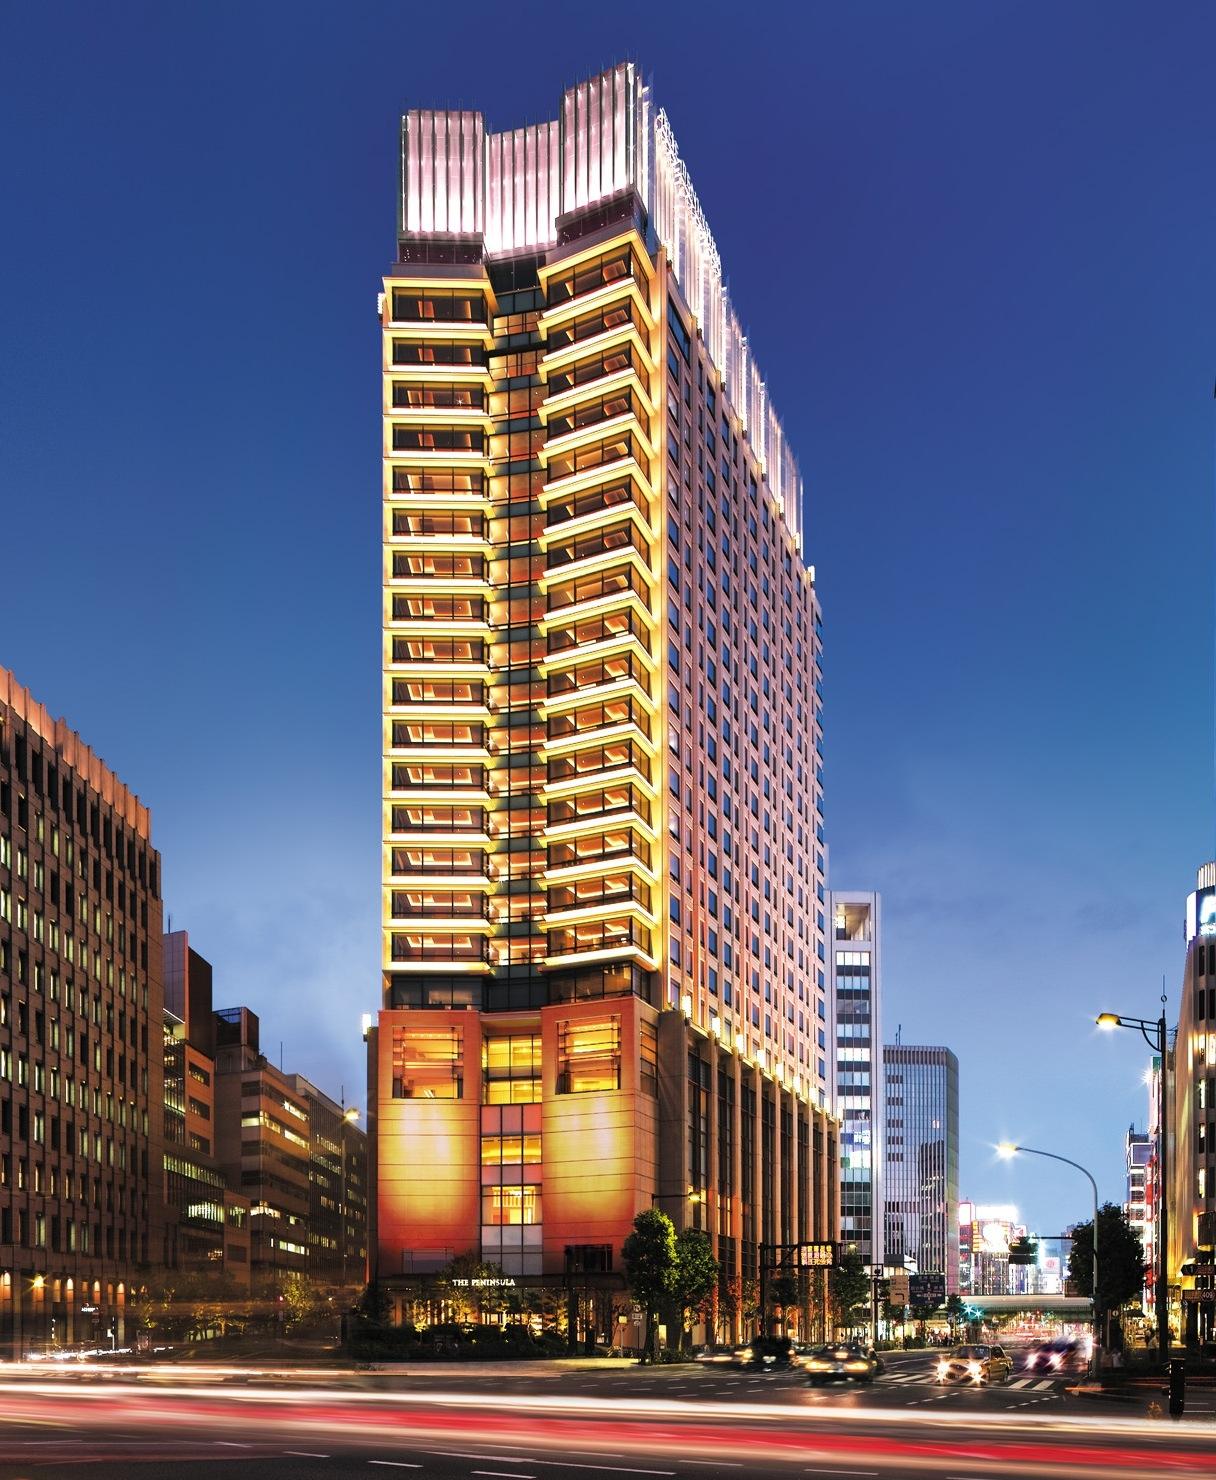 東京で優雅な滞在を楽しむ「ザ・ペニンシュラ東京」